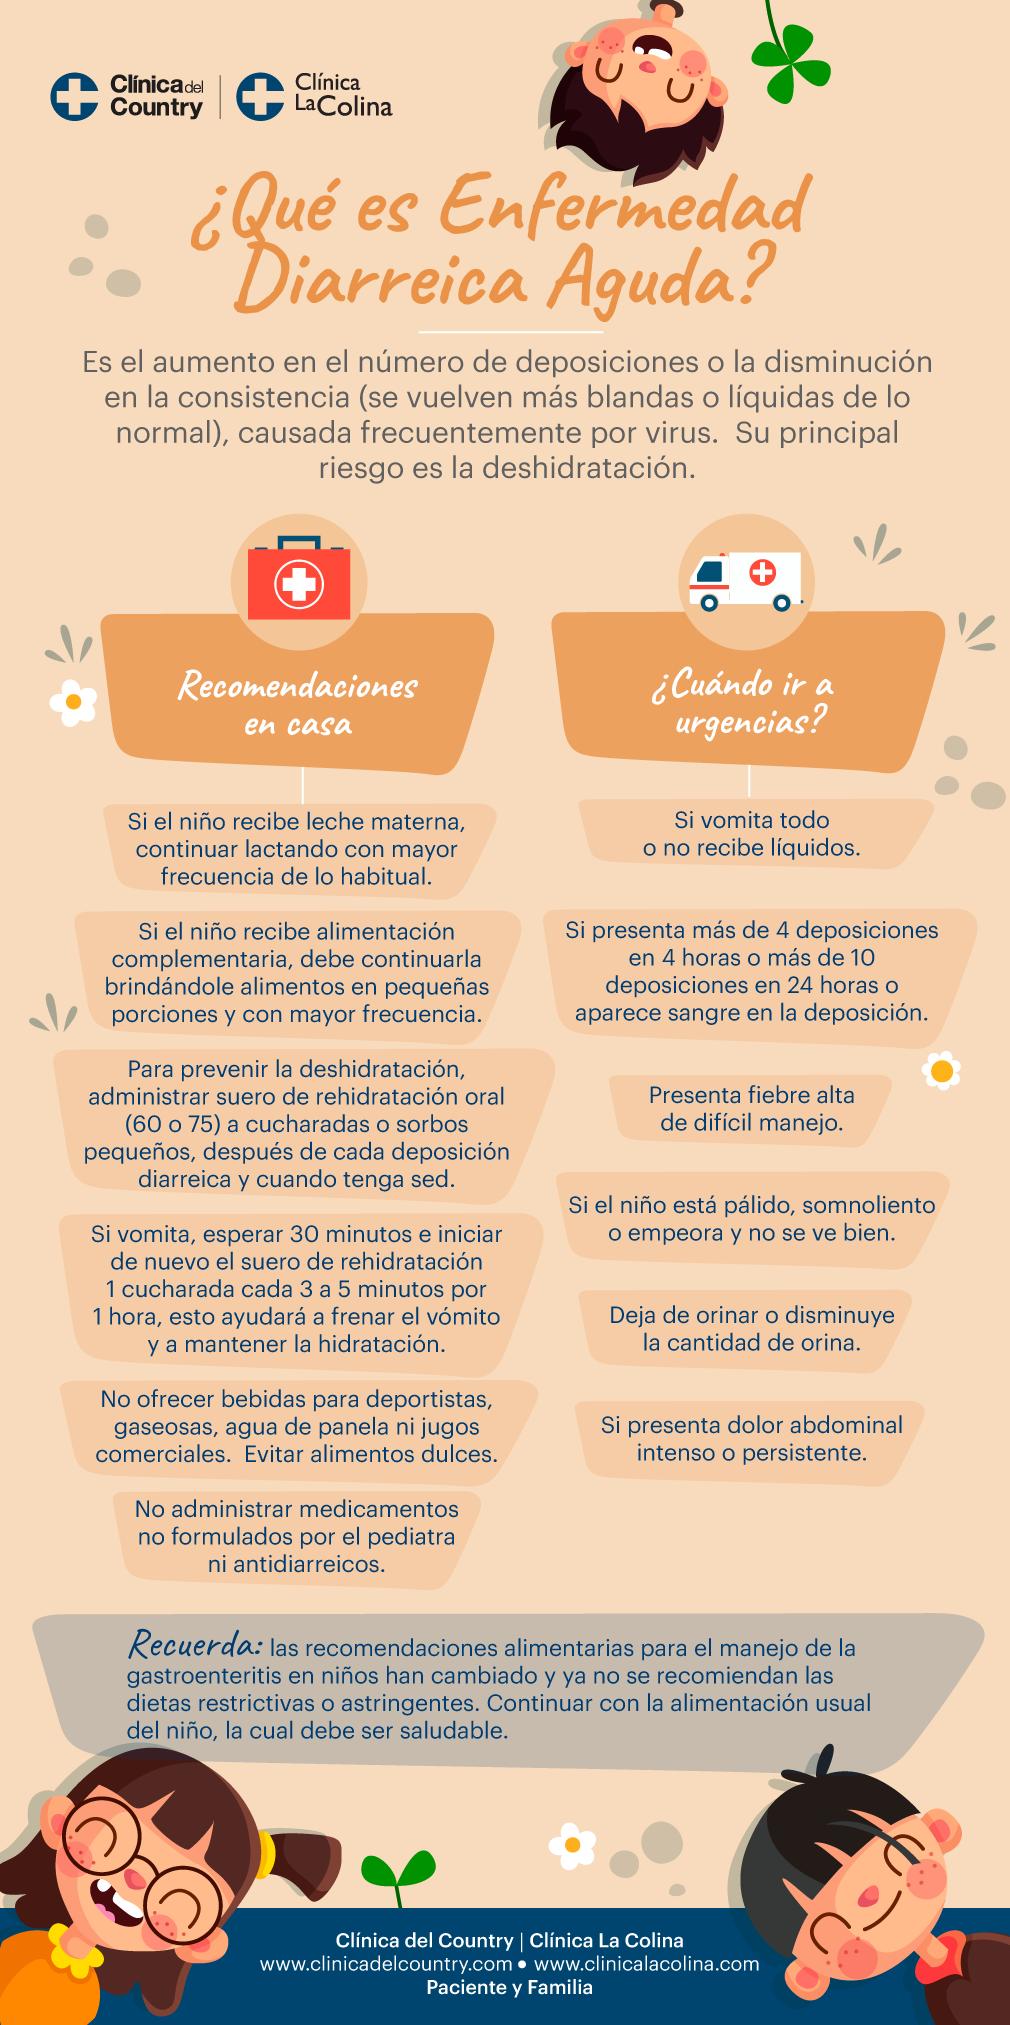 Infografia sobre la enfermedad de la diarreica aguda